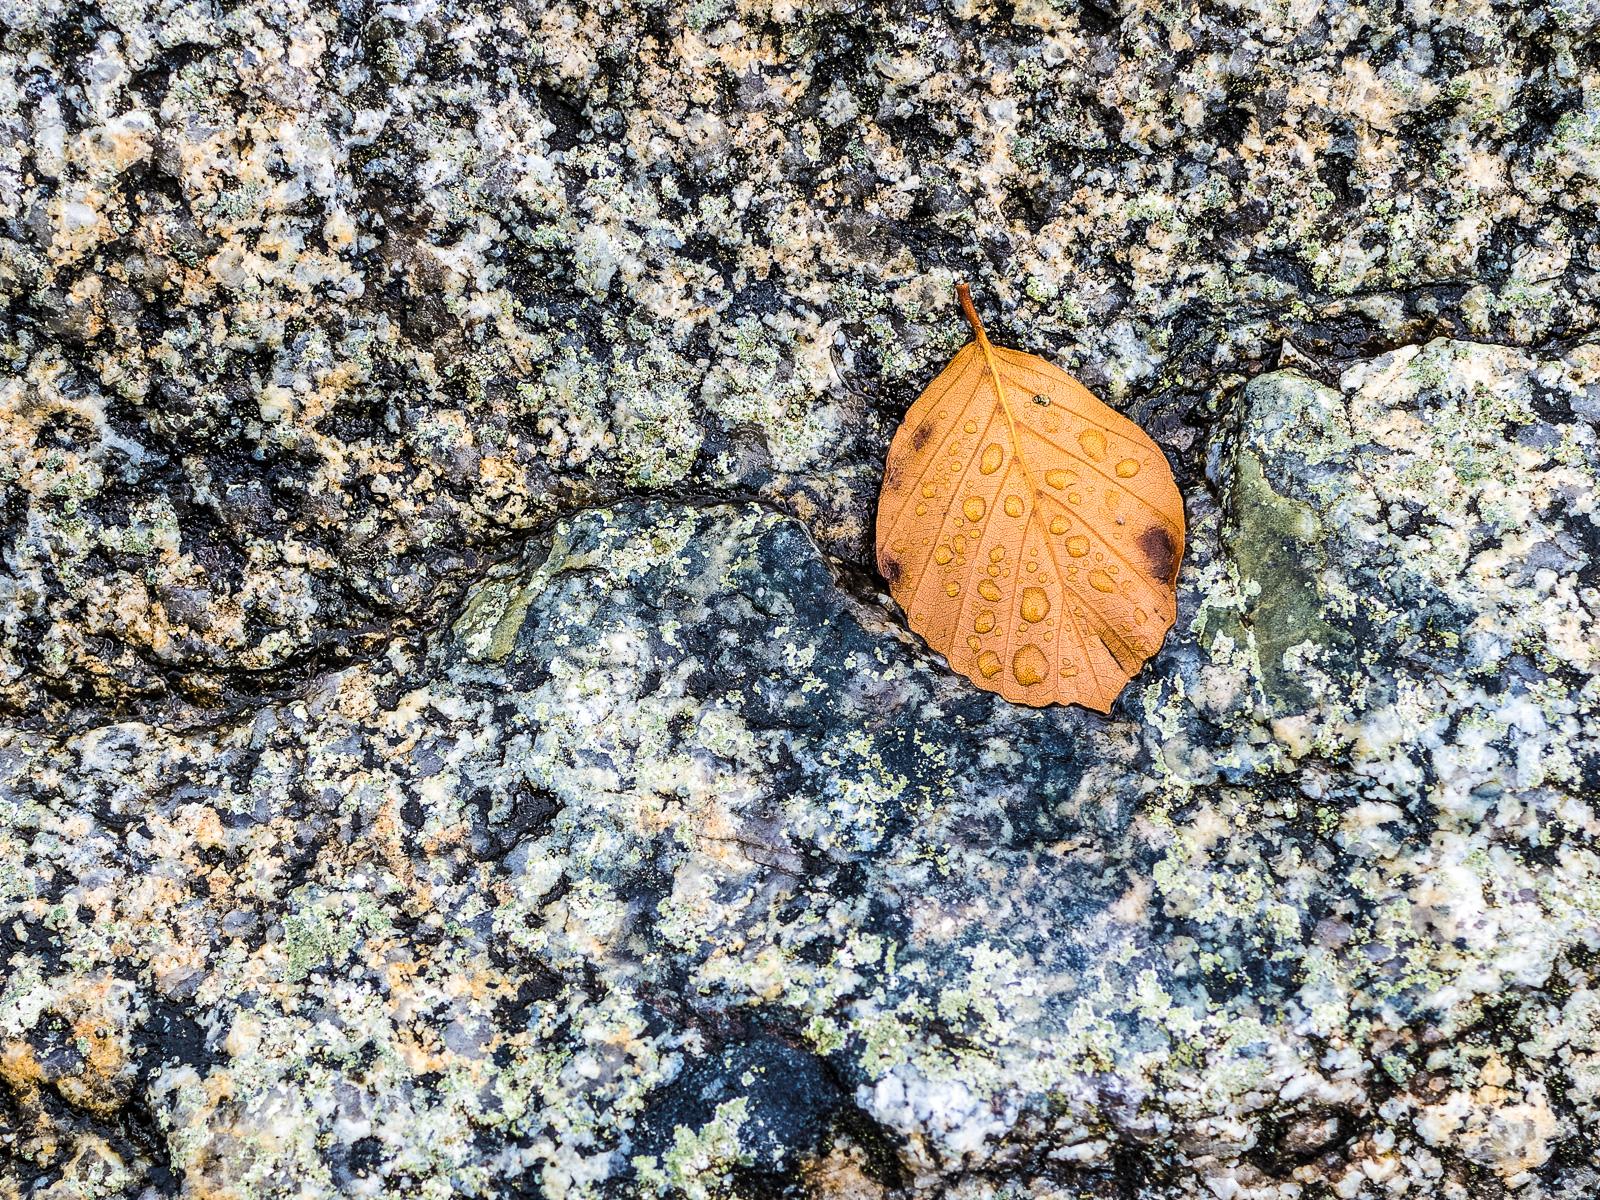 Ein nasses Blatt auf einem Felsen